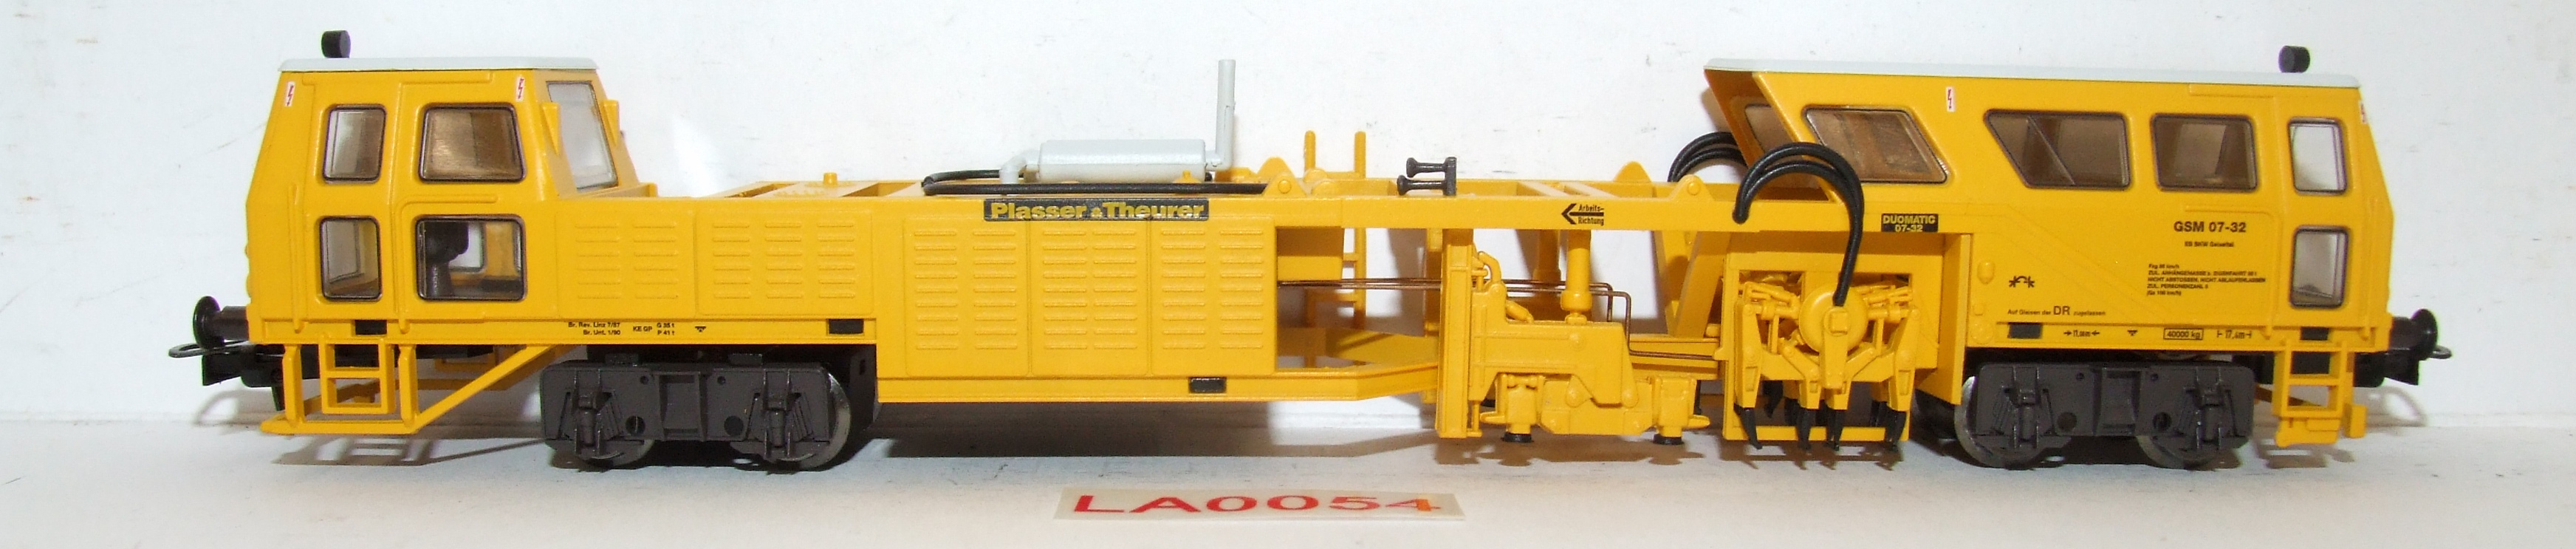 LA0054 Liliput H0 L 136112 Motorisierte Gleisstopfmaschine DR in OVP